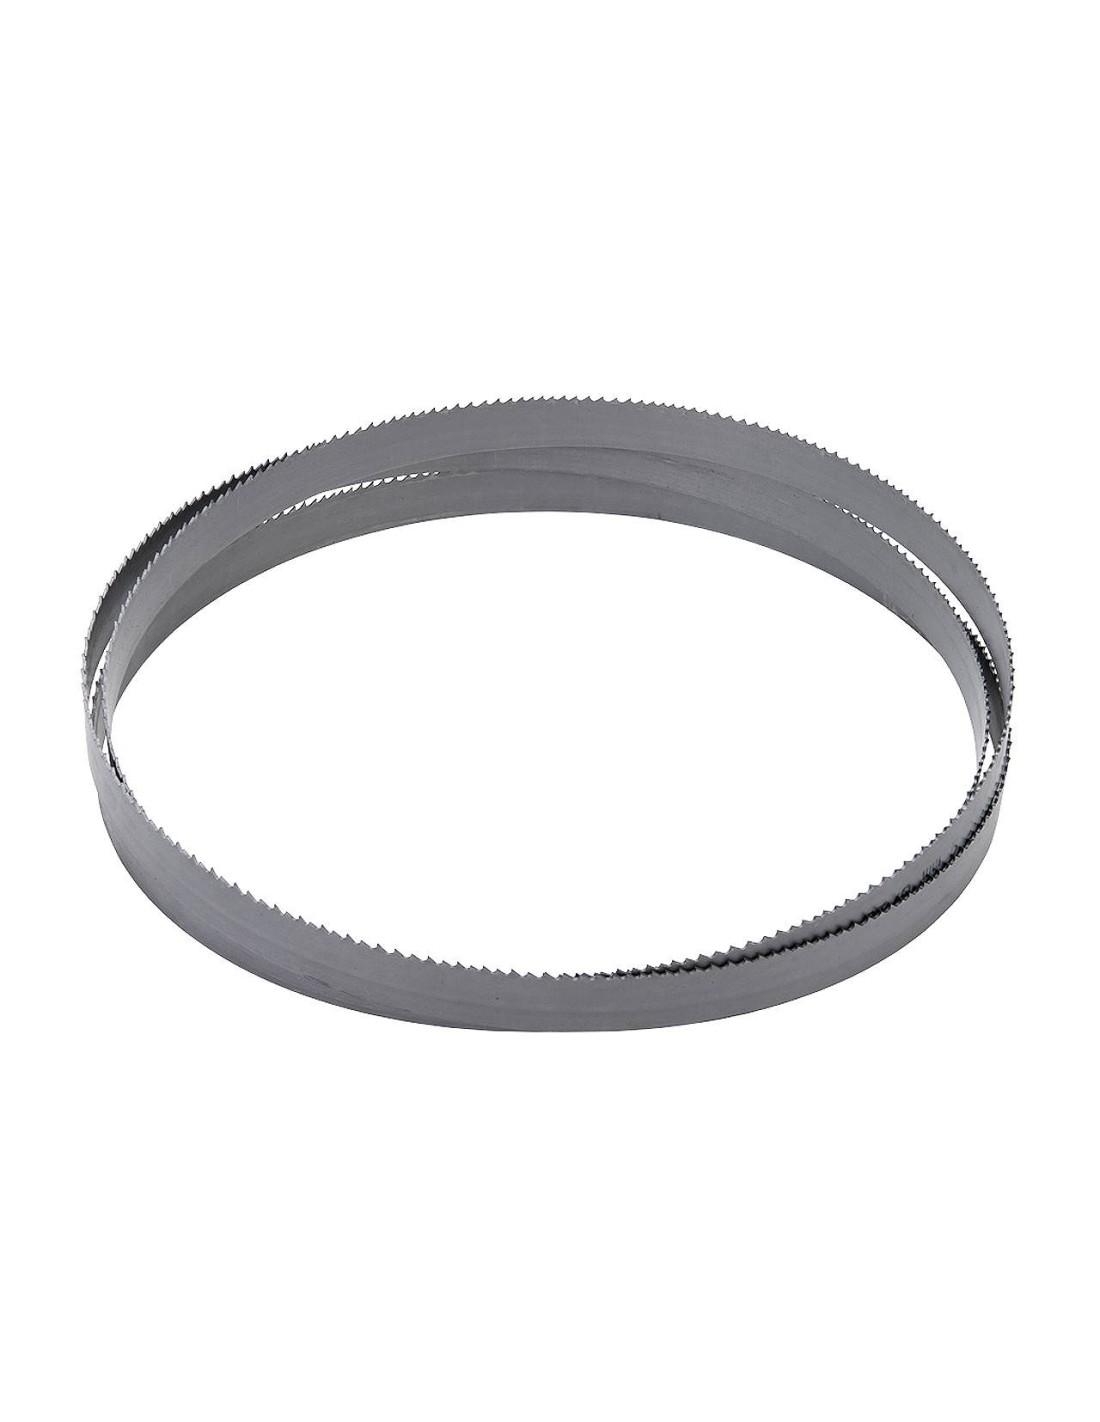 Panza pentru fierastrau cu banda BiFlex 2925 x 27 x 0,9 mm - Vario 4/6 TPI